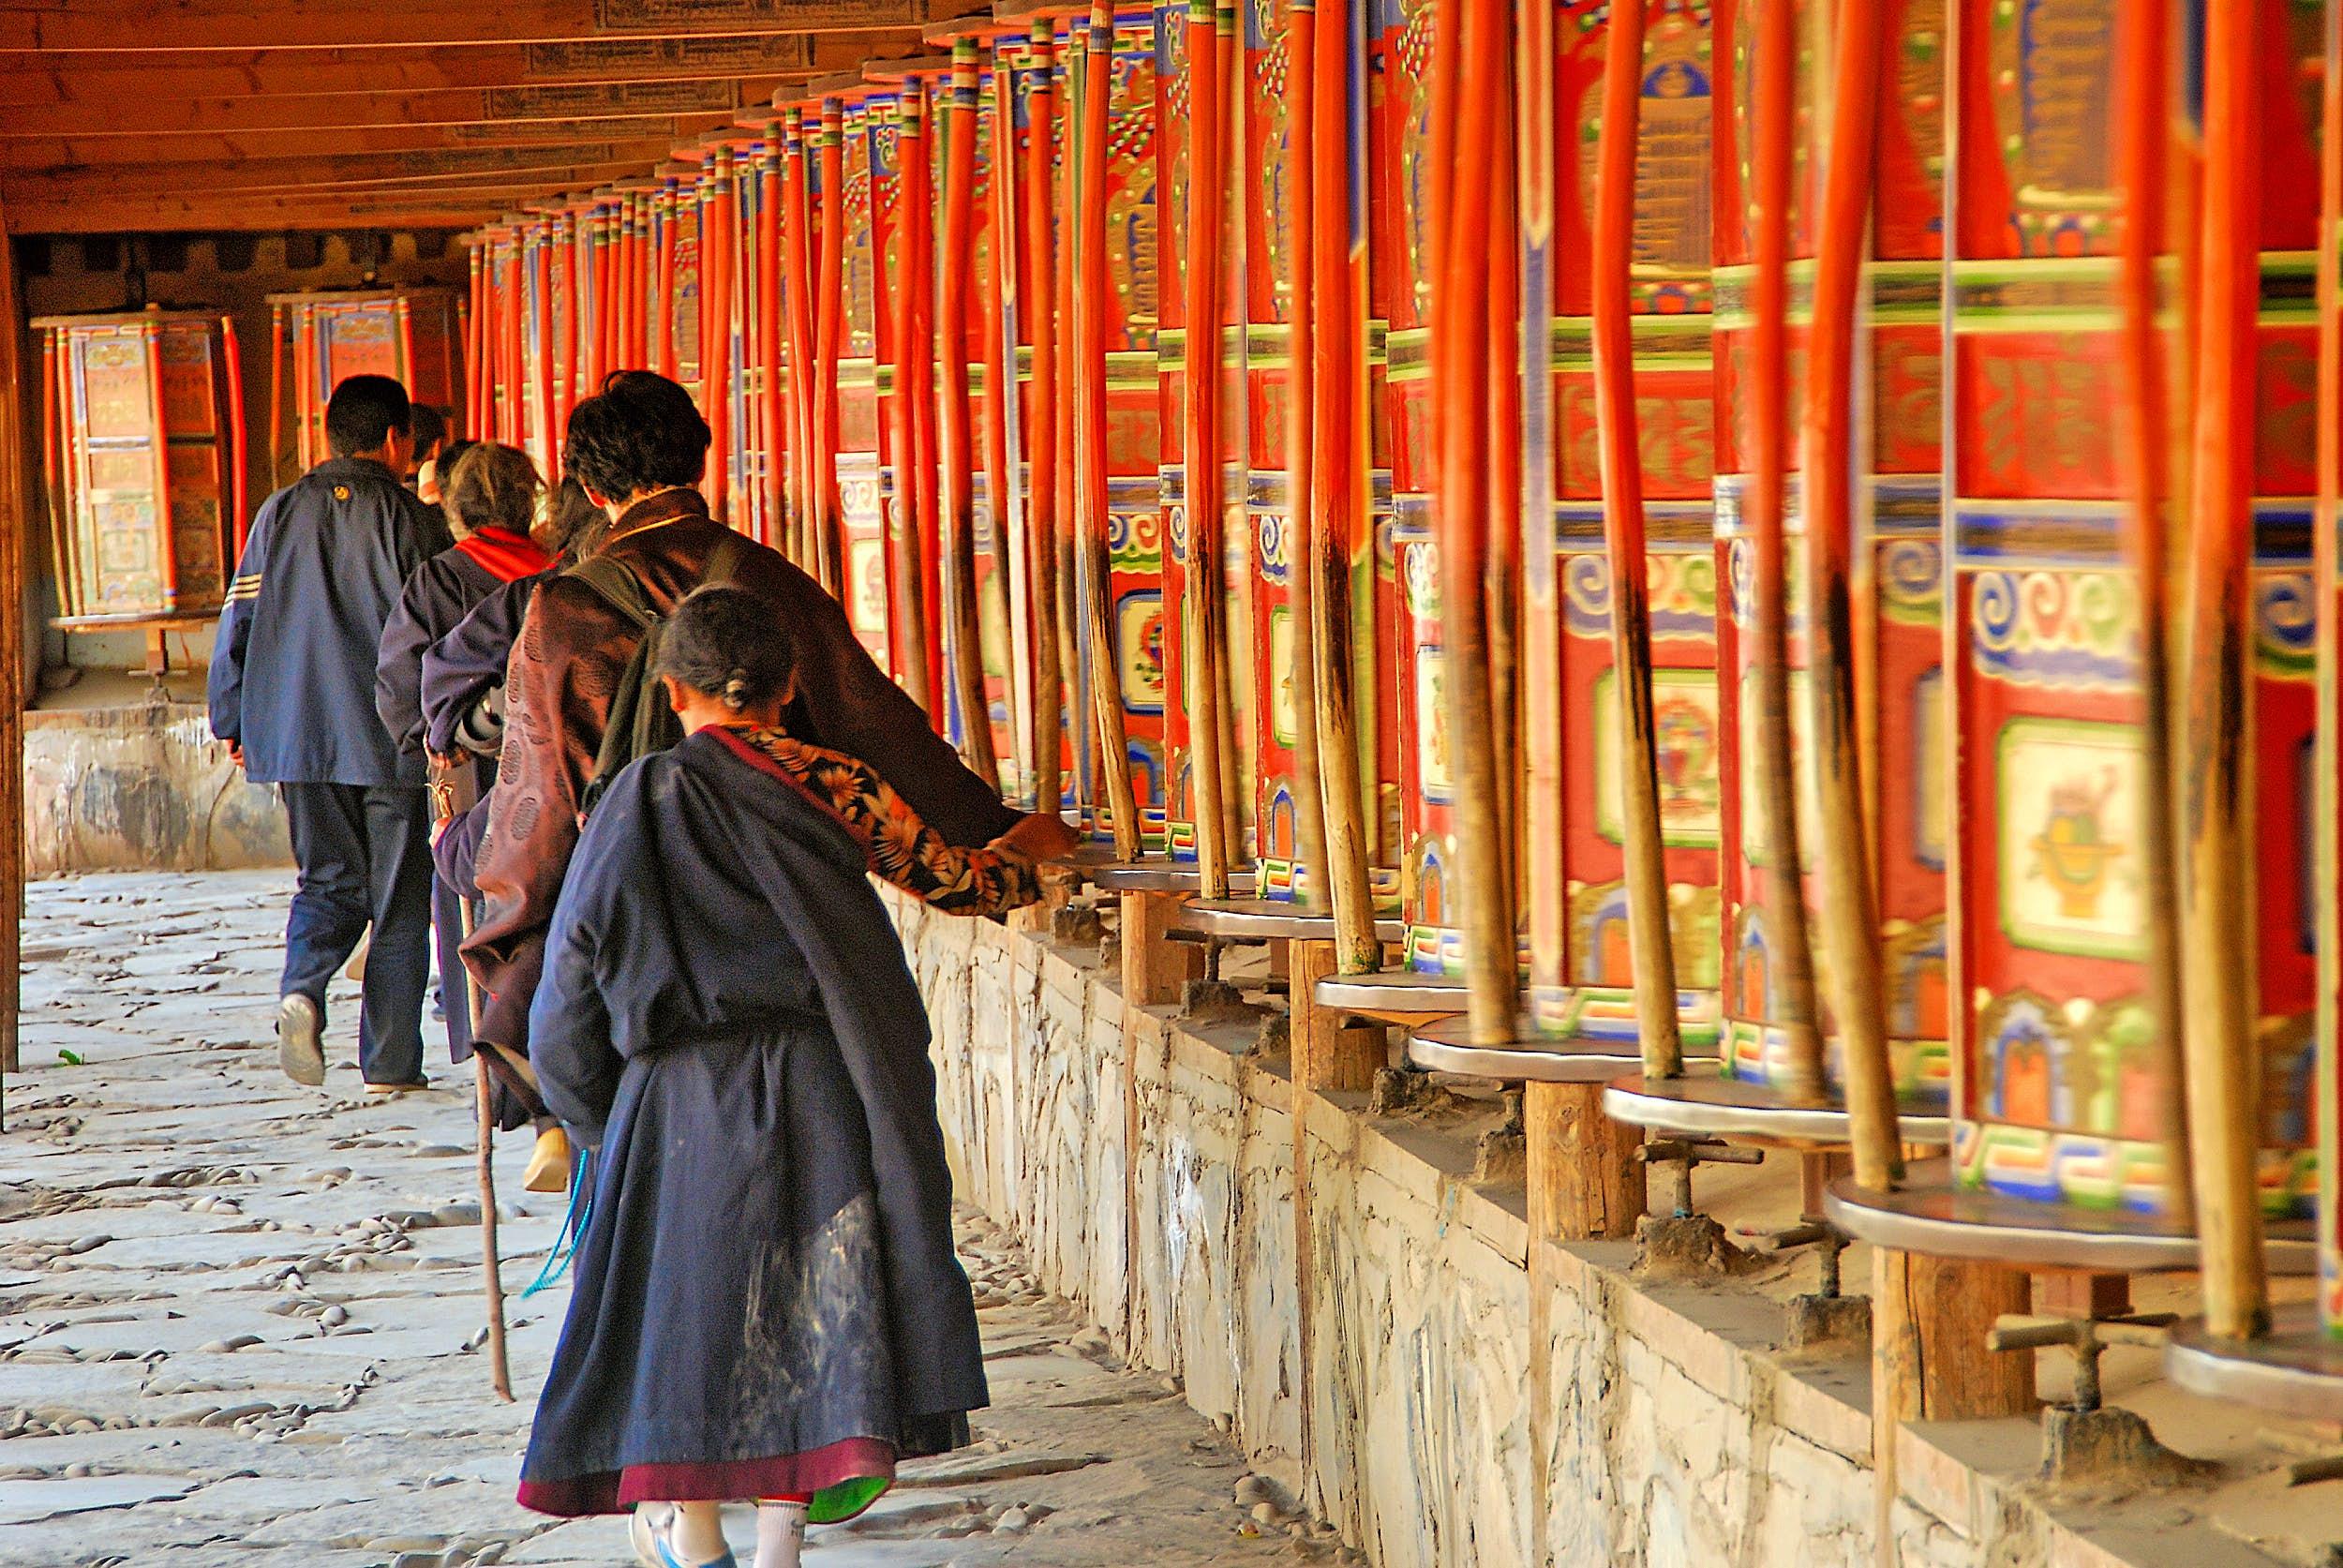 People walk past red prayer wheels.